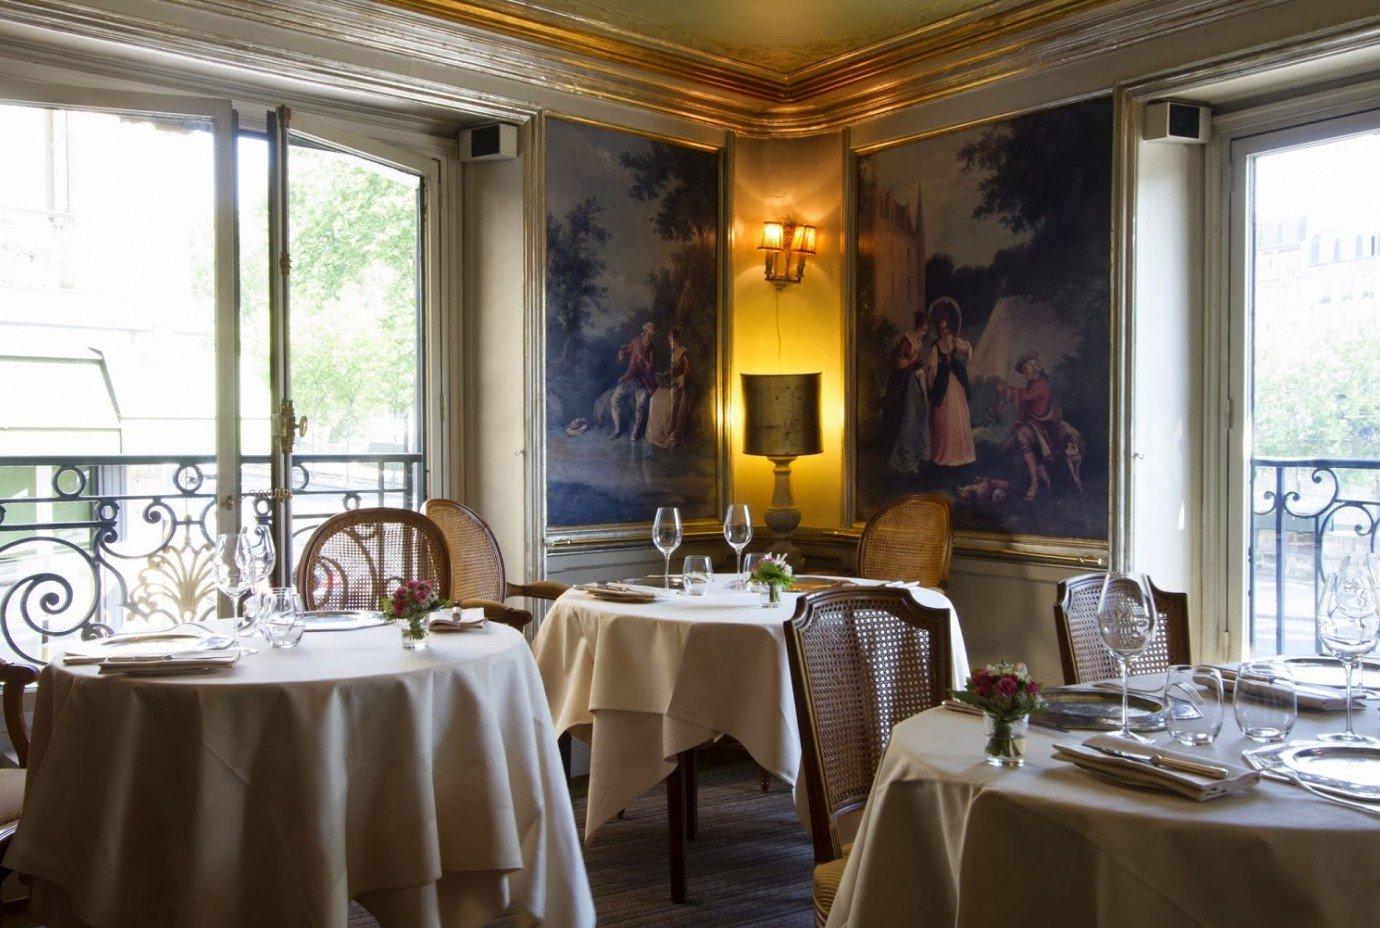 Laprouse tte tte en salon priv paris paris offrir cadeau for Salon gastronomie nantes